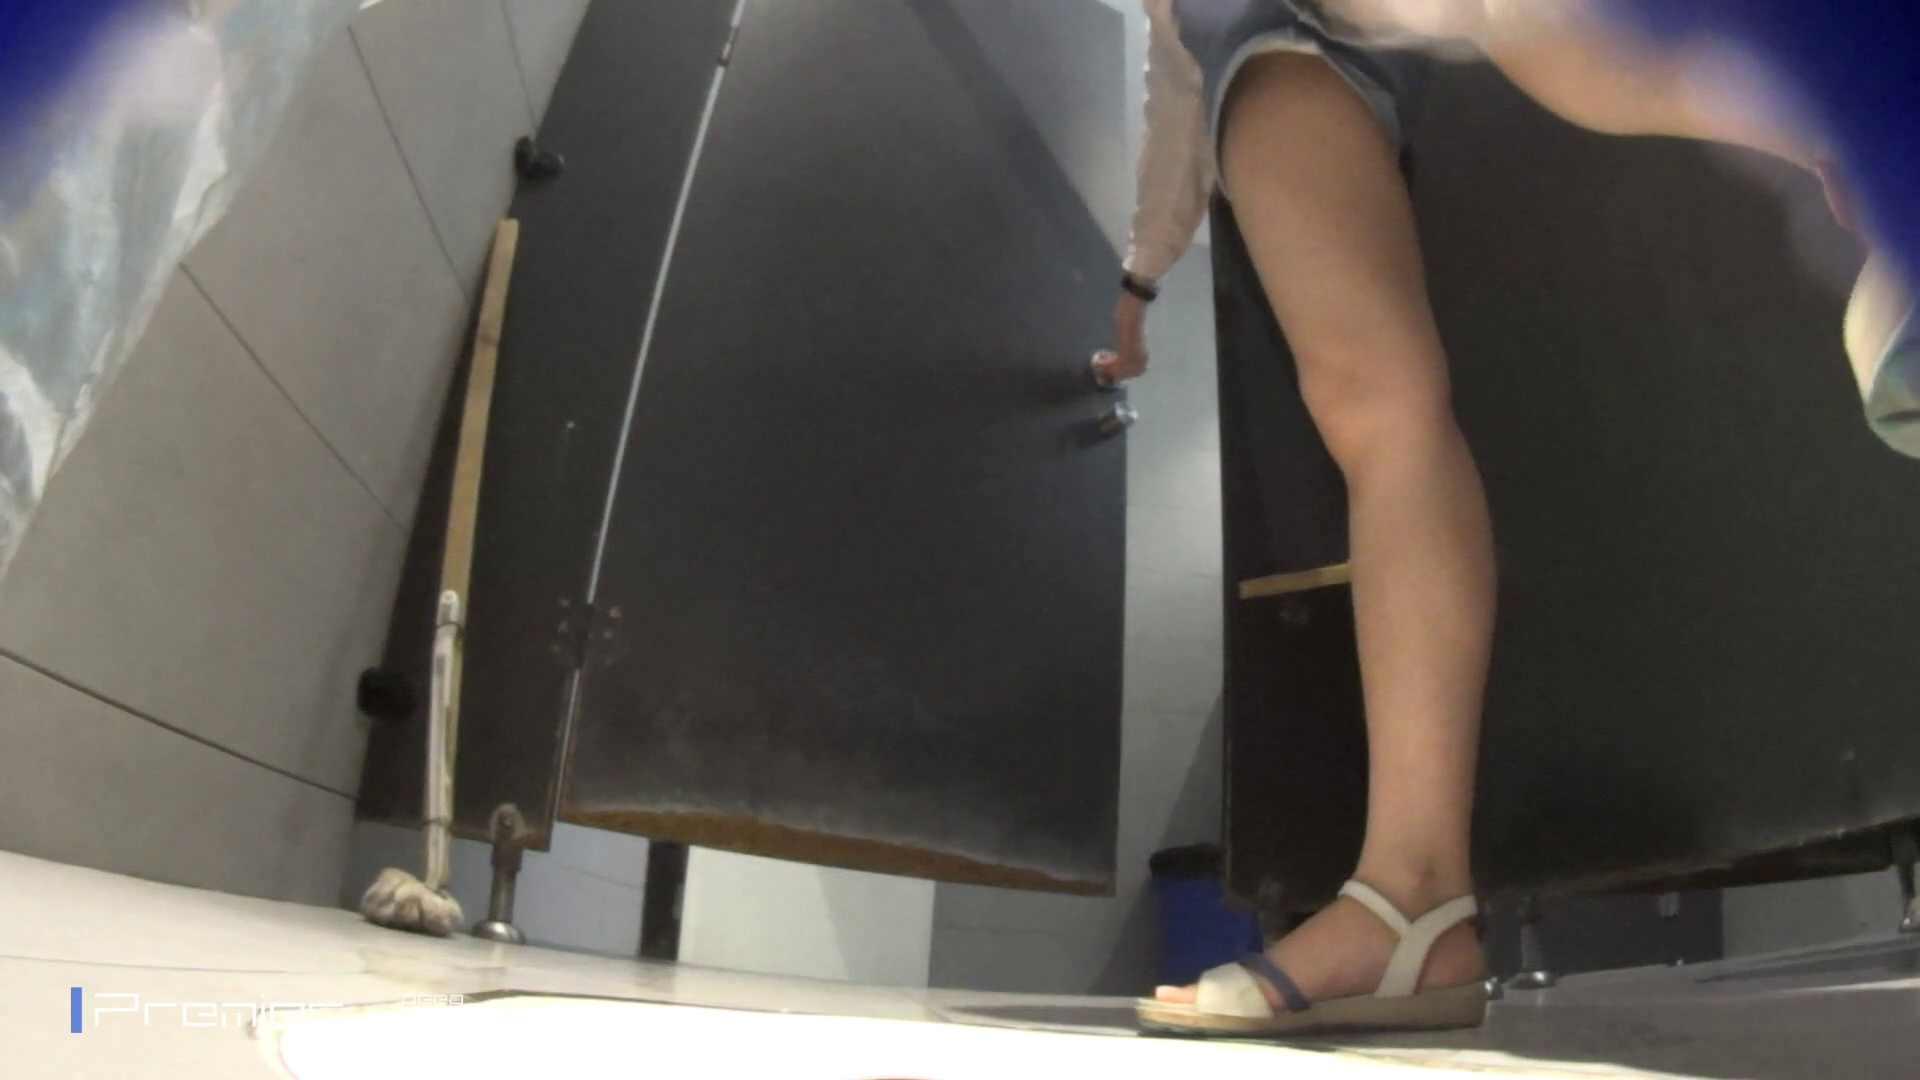 白いミニスカート清楚なお女市さん 大学休憩時間の洗面所事情59 高画質動画 オメコ無修正動画無料 85画像 77